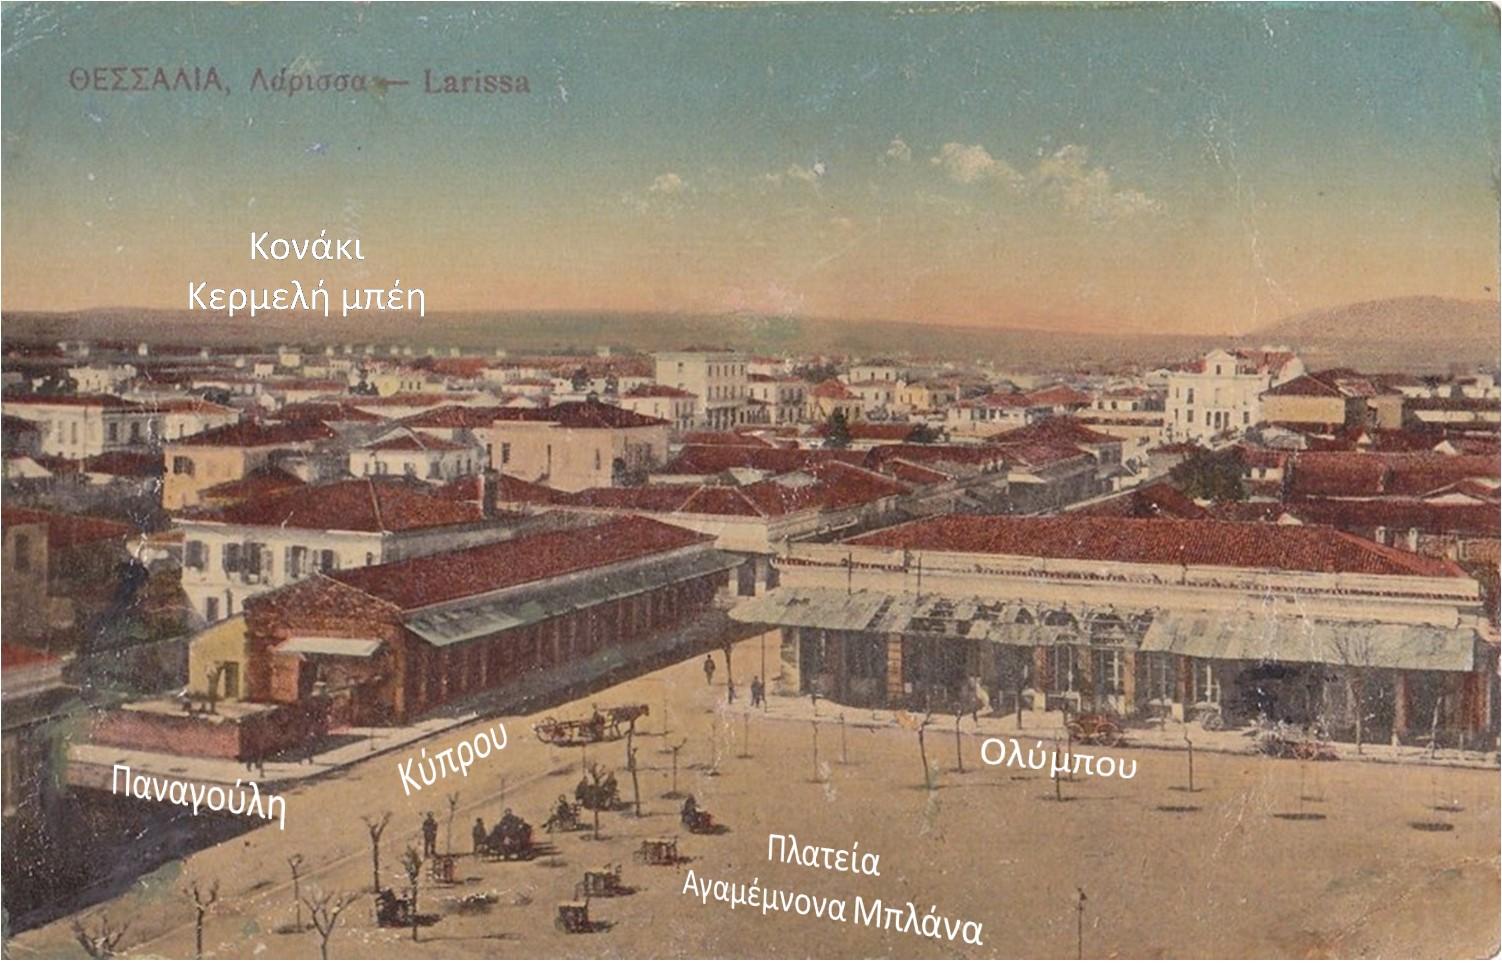 Ένα νοσταλγικό ταξίδι στο χρόνο: Πως άλλαξαν οι δρόμοι της Λάρισας στο διάβα της ιστορίας (φωτο - βίντεο)